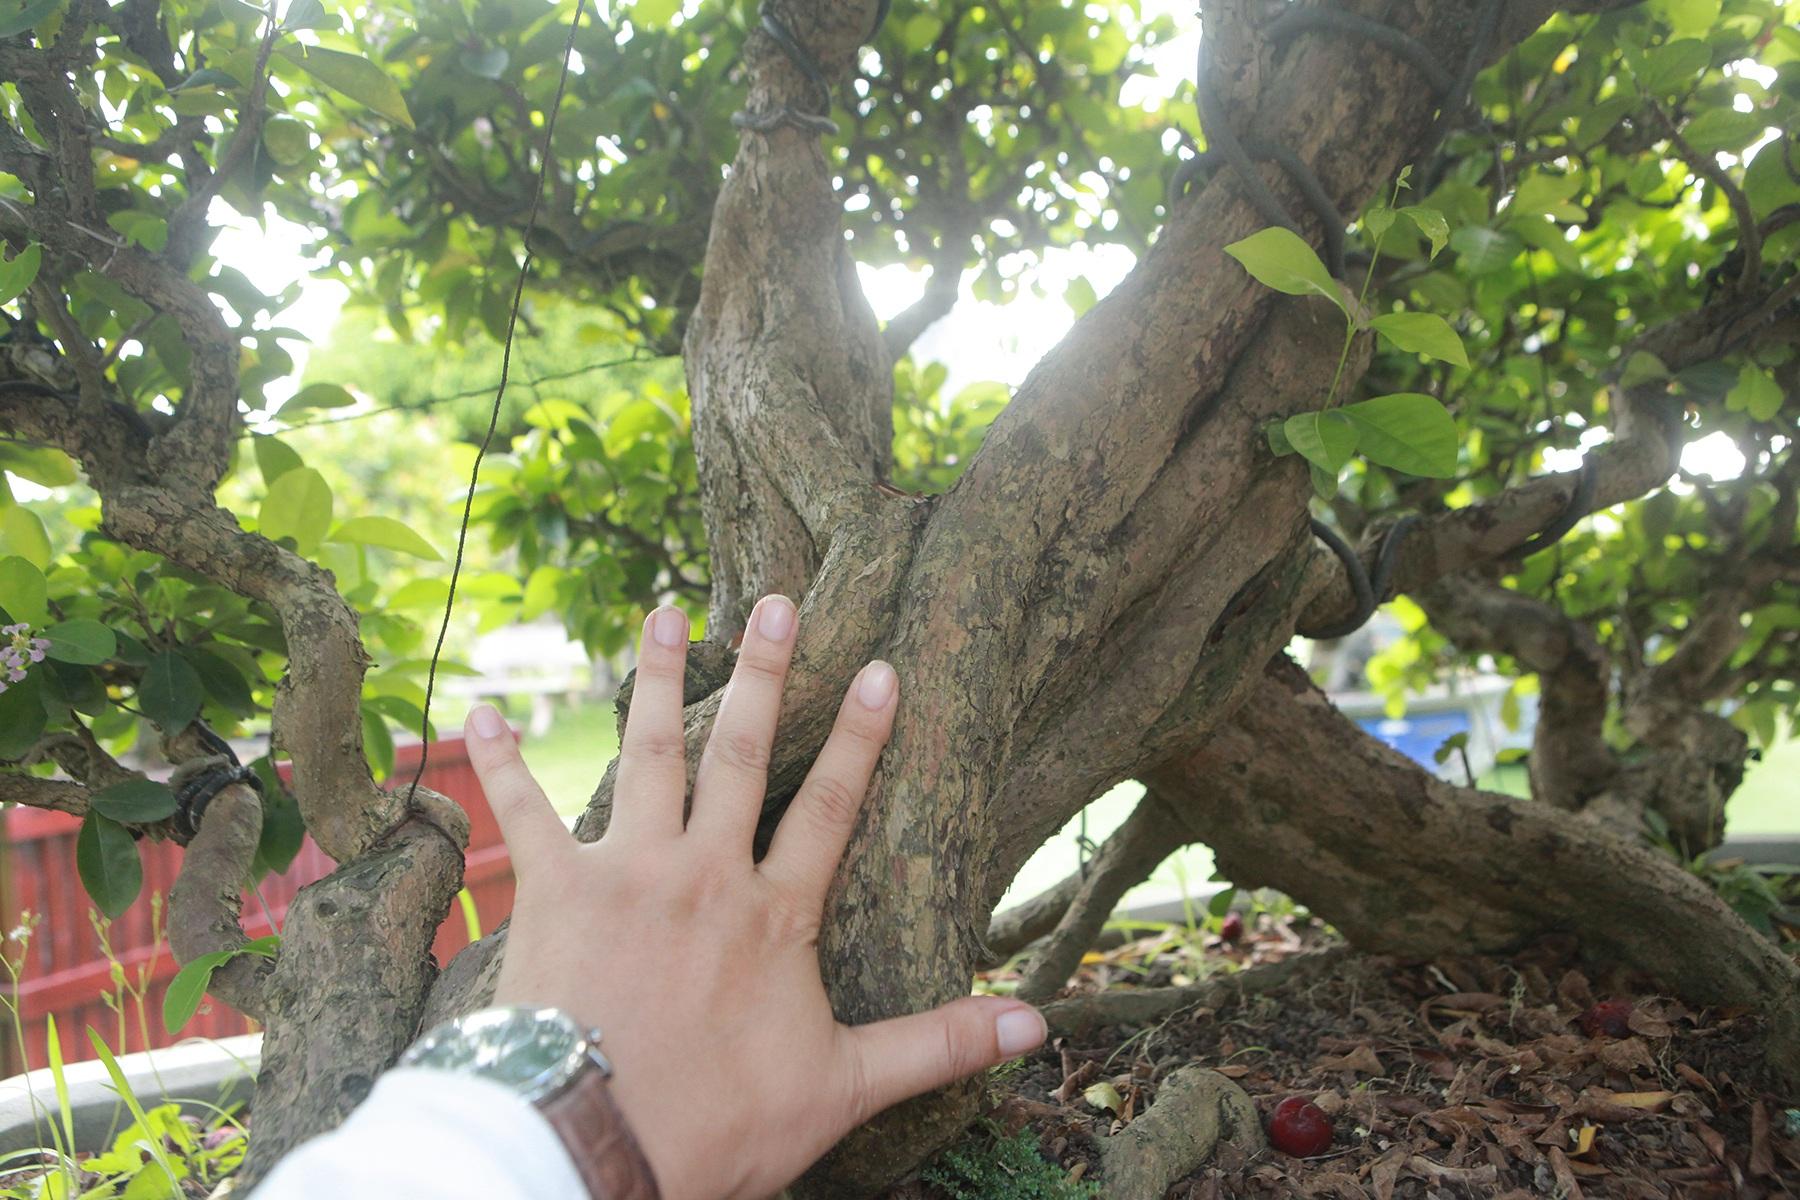 """Dàn sơ ri bonsai cổ thụ, trĩu quả giá tiền tỷ của """"tướng cướp hoàn lương"""" - 5"""